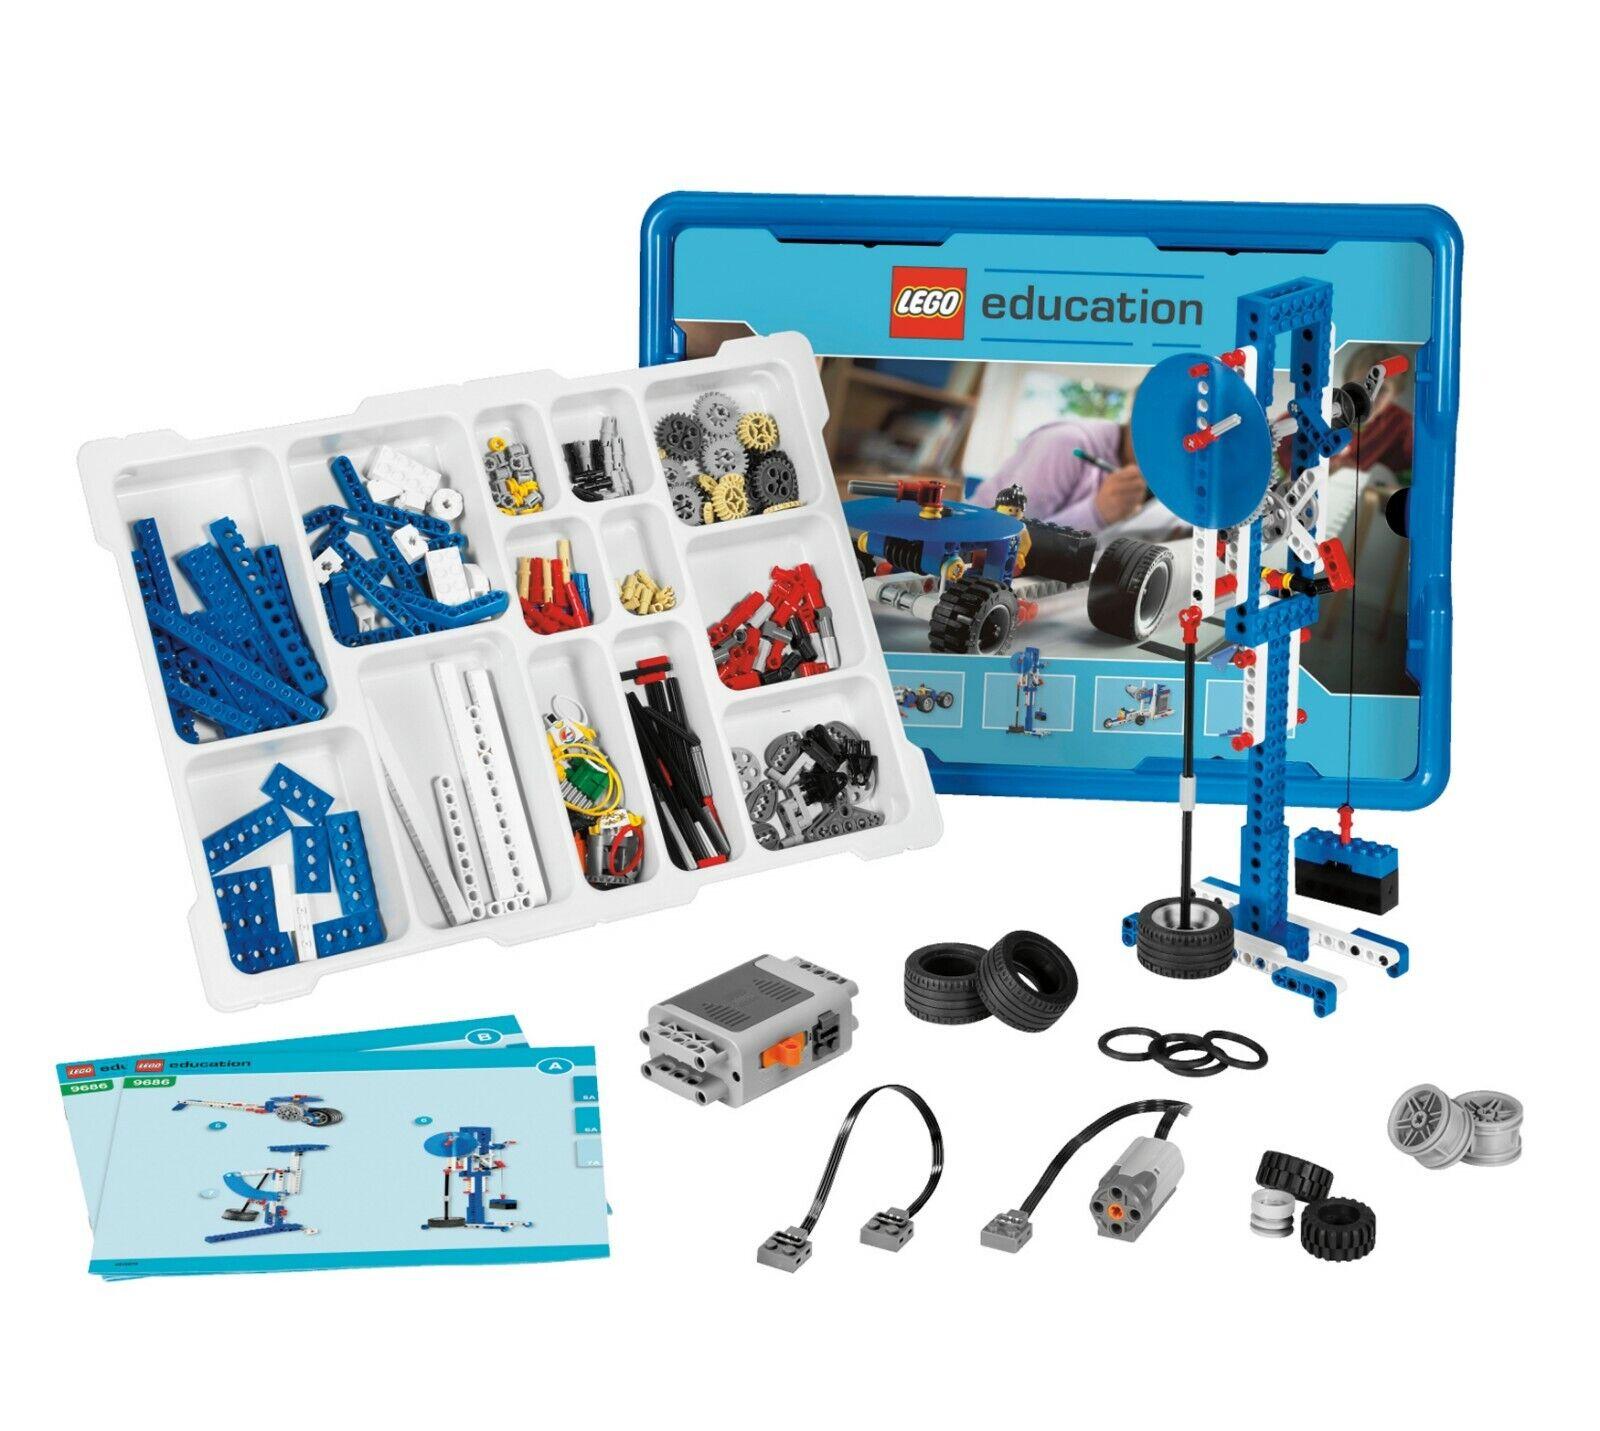 Lego 9686 Ciencias naturales enseñanza técnica escuela receta Education nuevo nuevo nuevo  protección post-venta